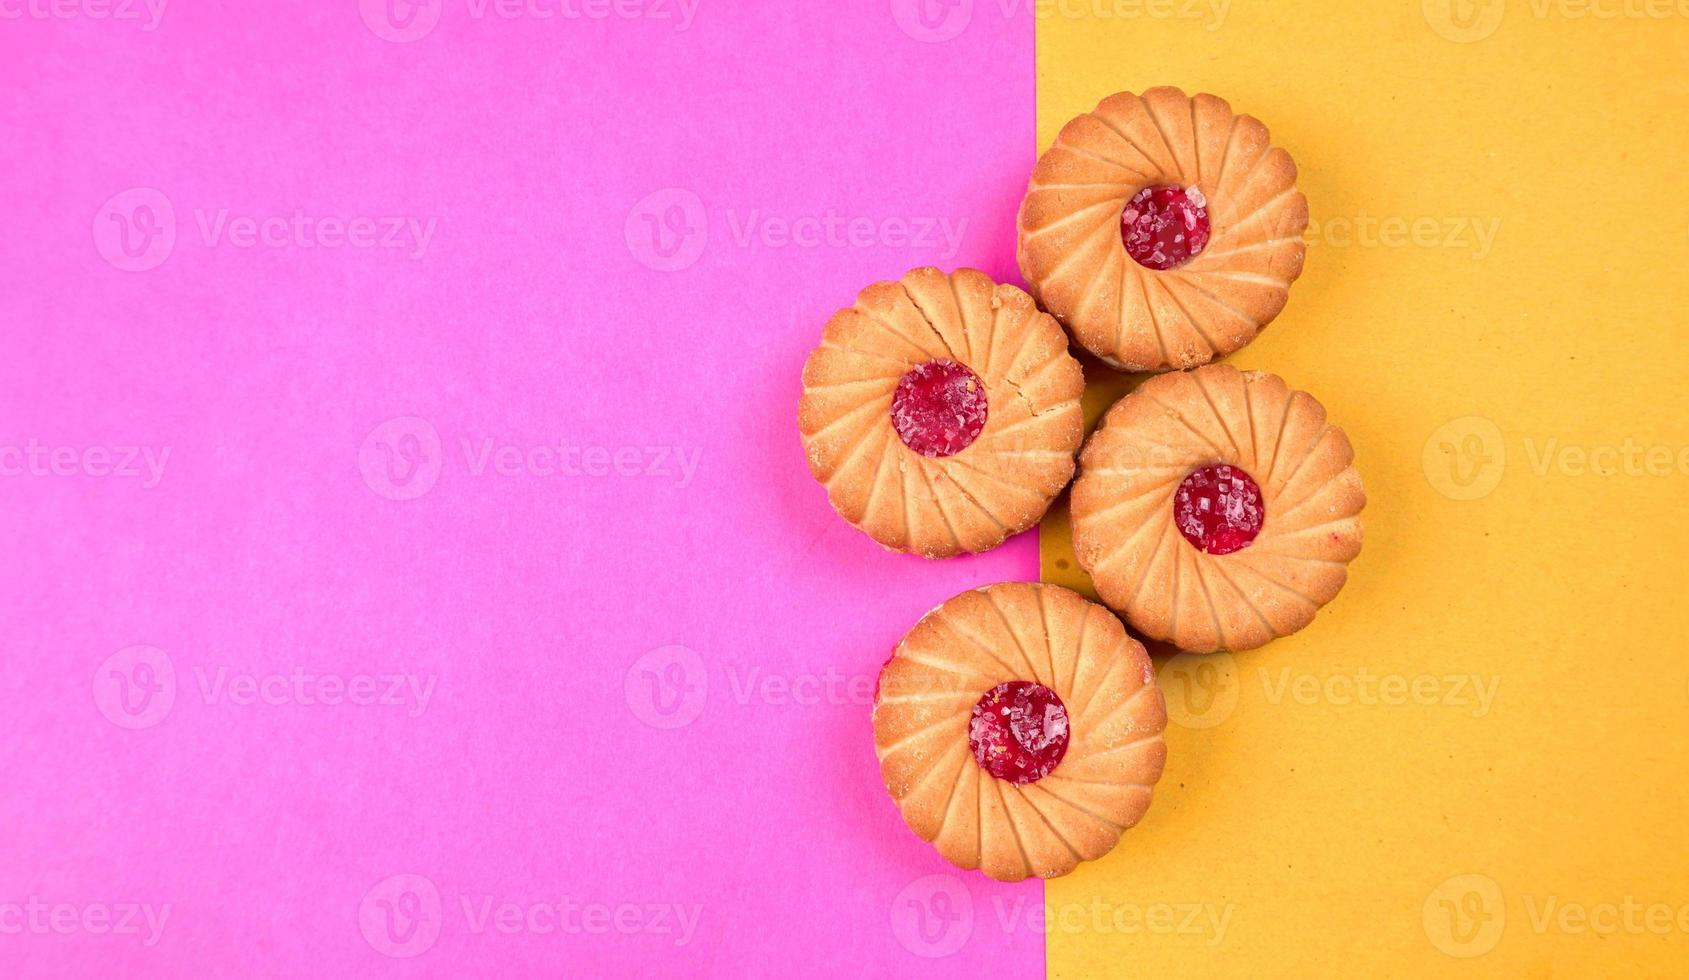 ovanifrån av sylt kex på rosa och gul bakgrund. smörgås kex eller grädde kex isolerade. foto